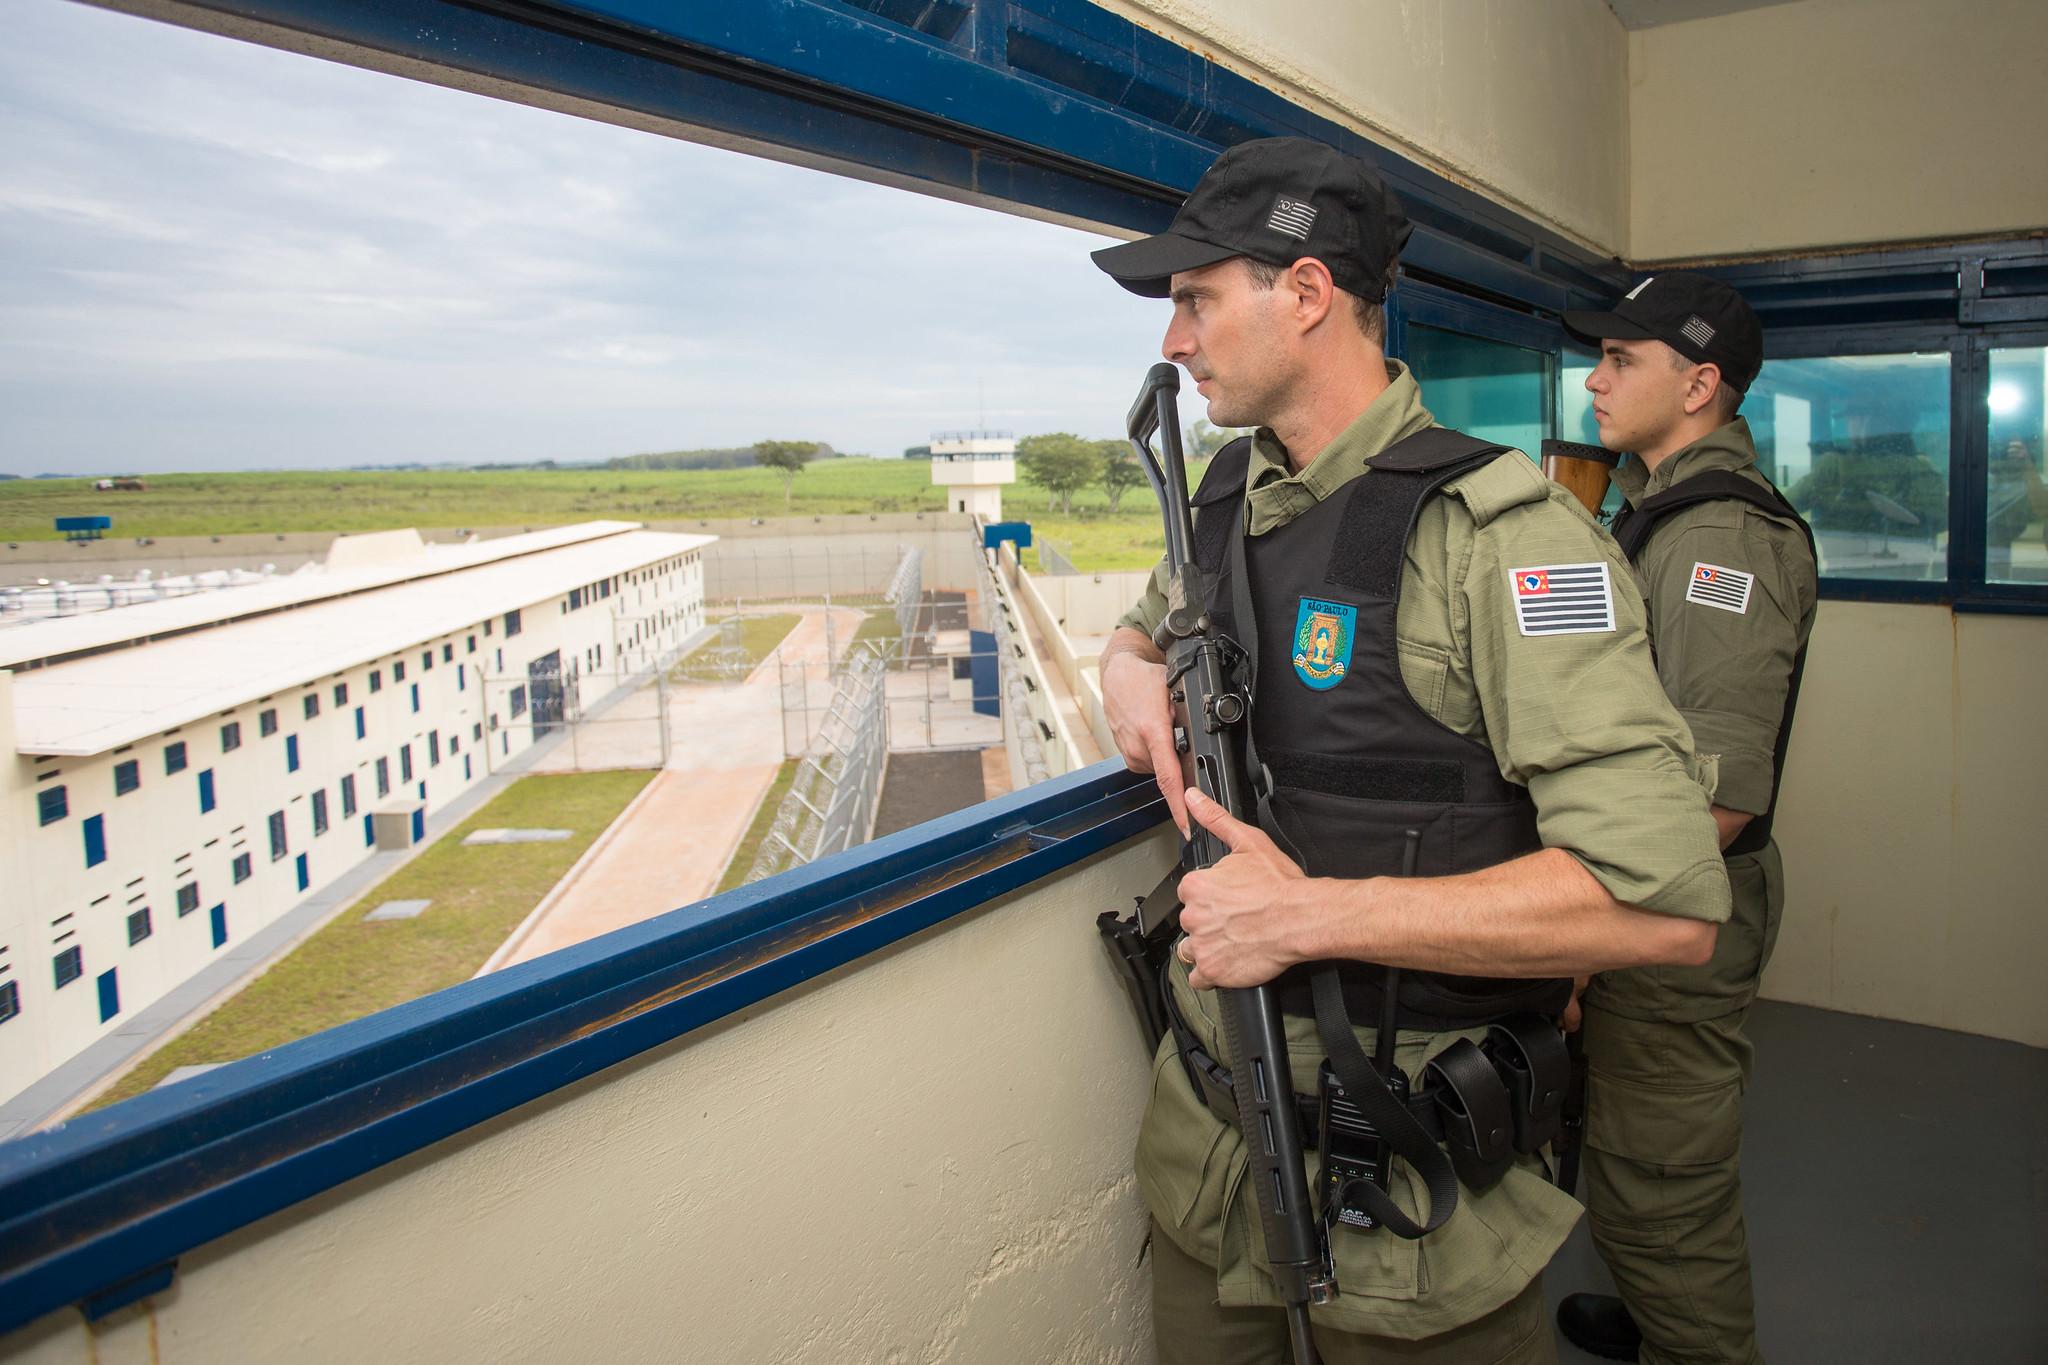 Centro de Detenção Provisória I e II da Cidade de Pacaembu, interior de São Paulo (Arquivo/Gov. do Estado de SP)